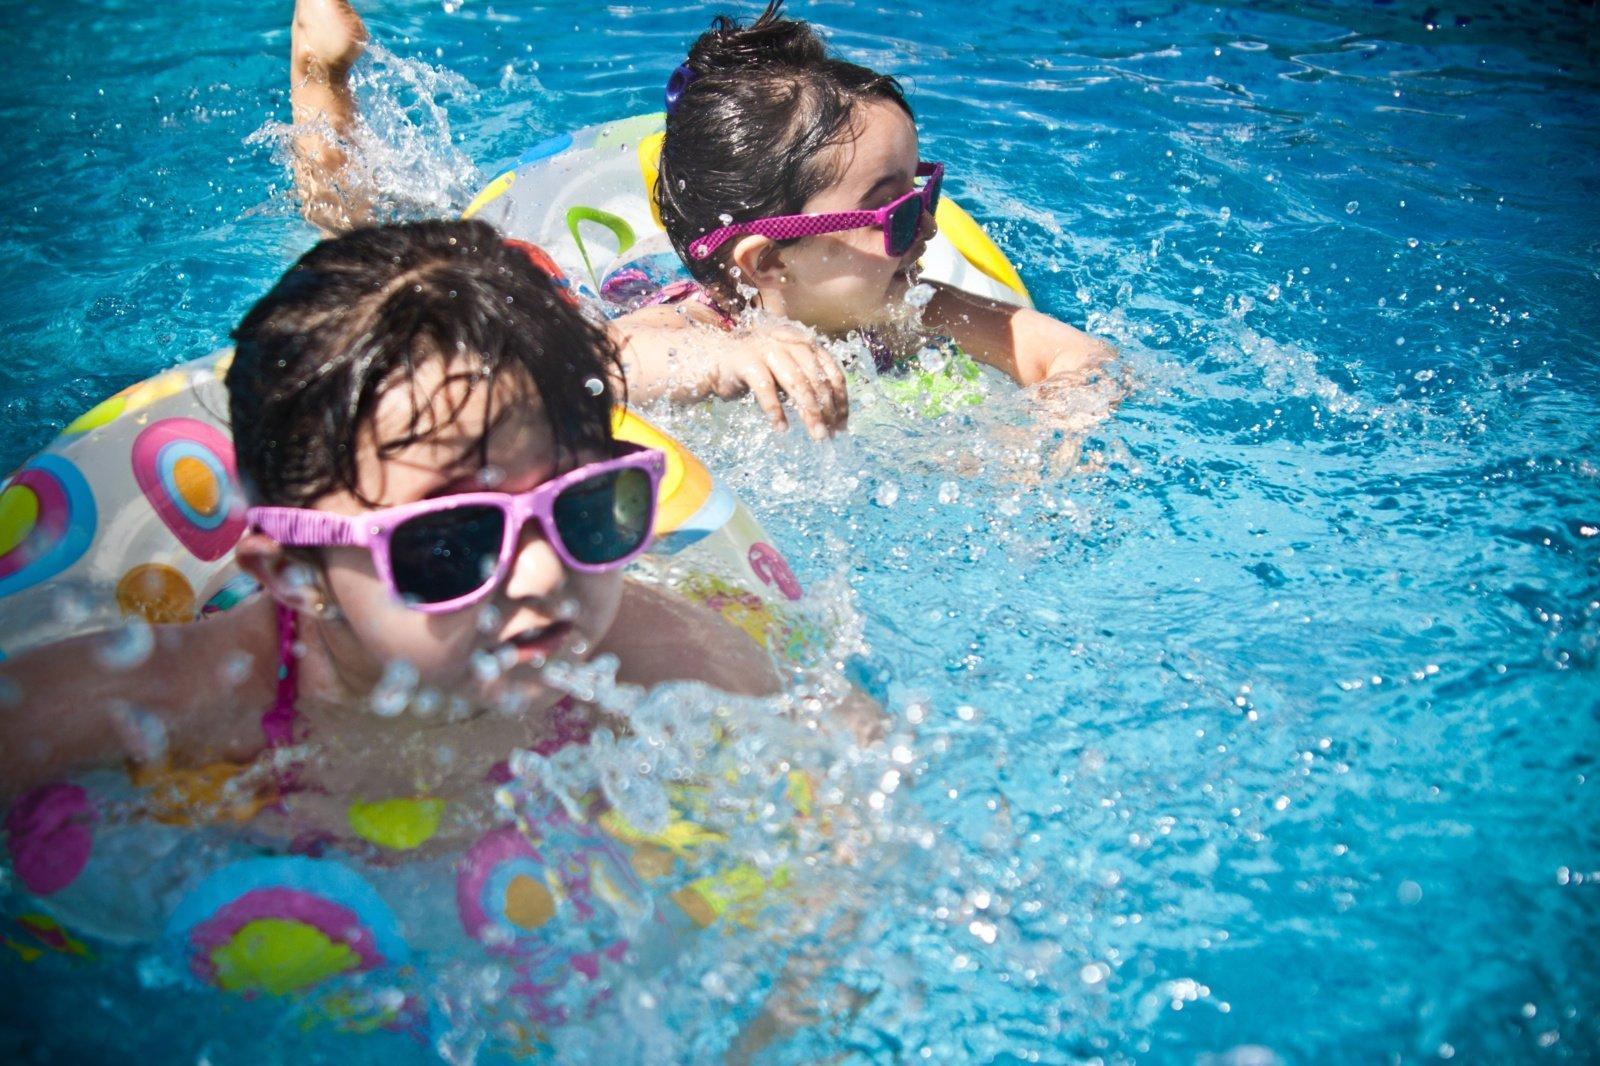 Gydytoja paaiškino: dėl kelių klaidų vasaros džiaugsmai virsta nepakeliamu ausų skausmu